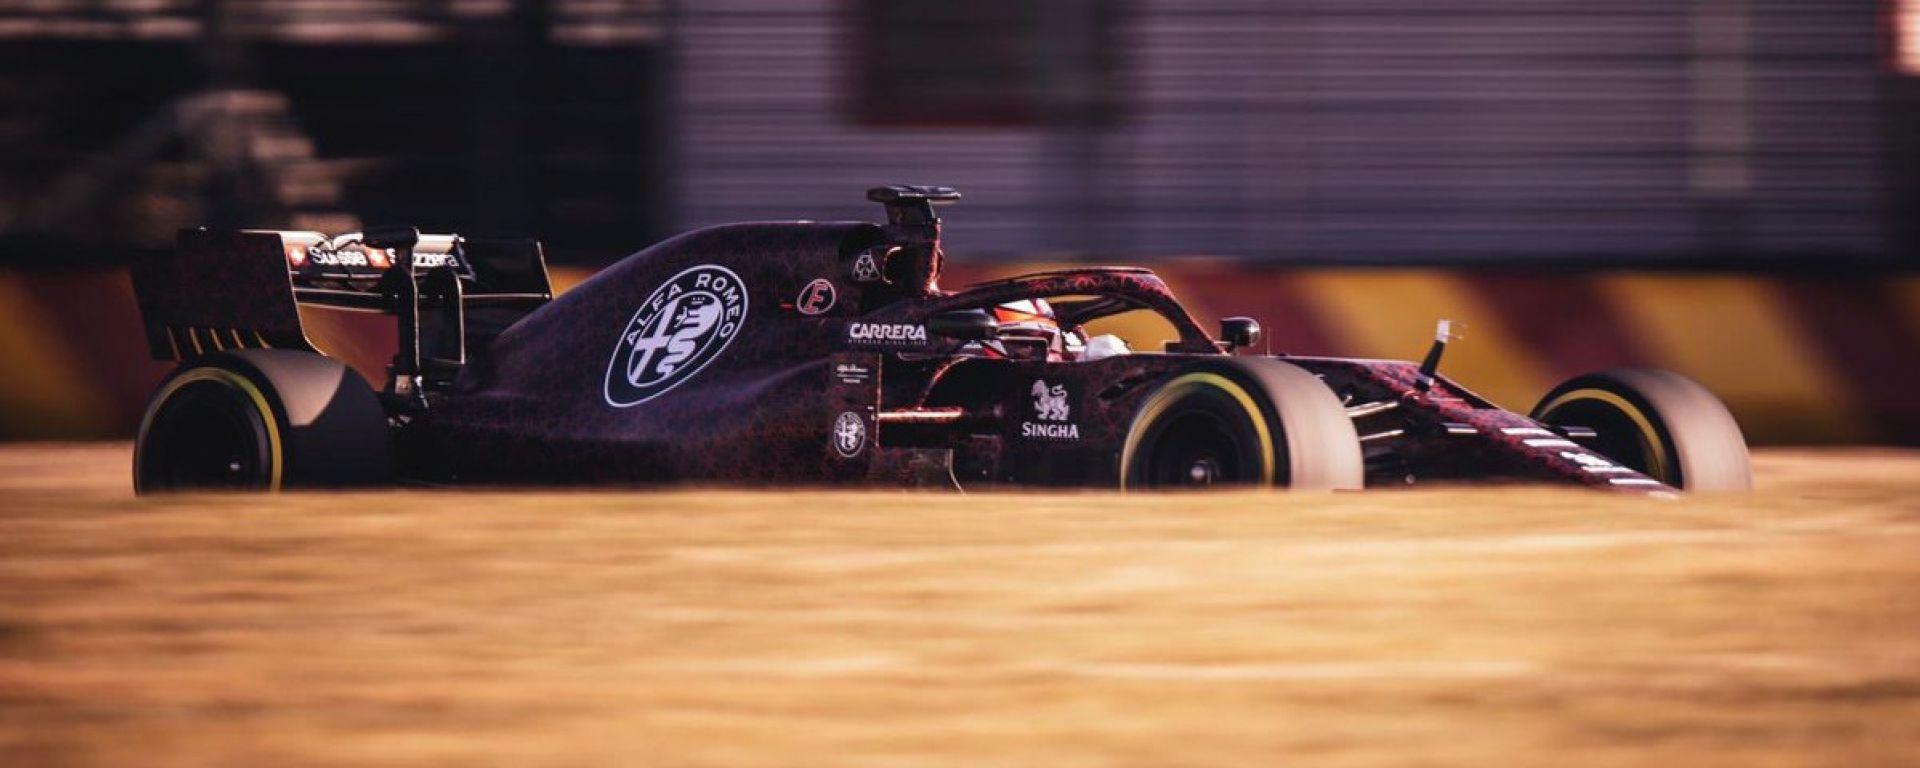 Alfa Romeo: that's amore!